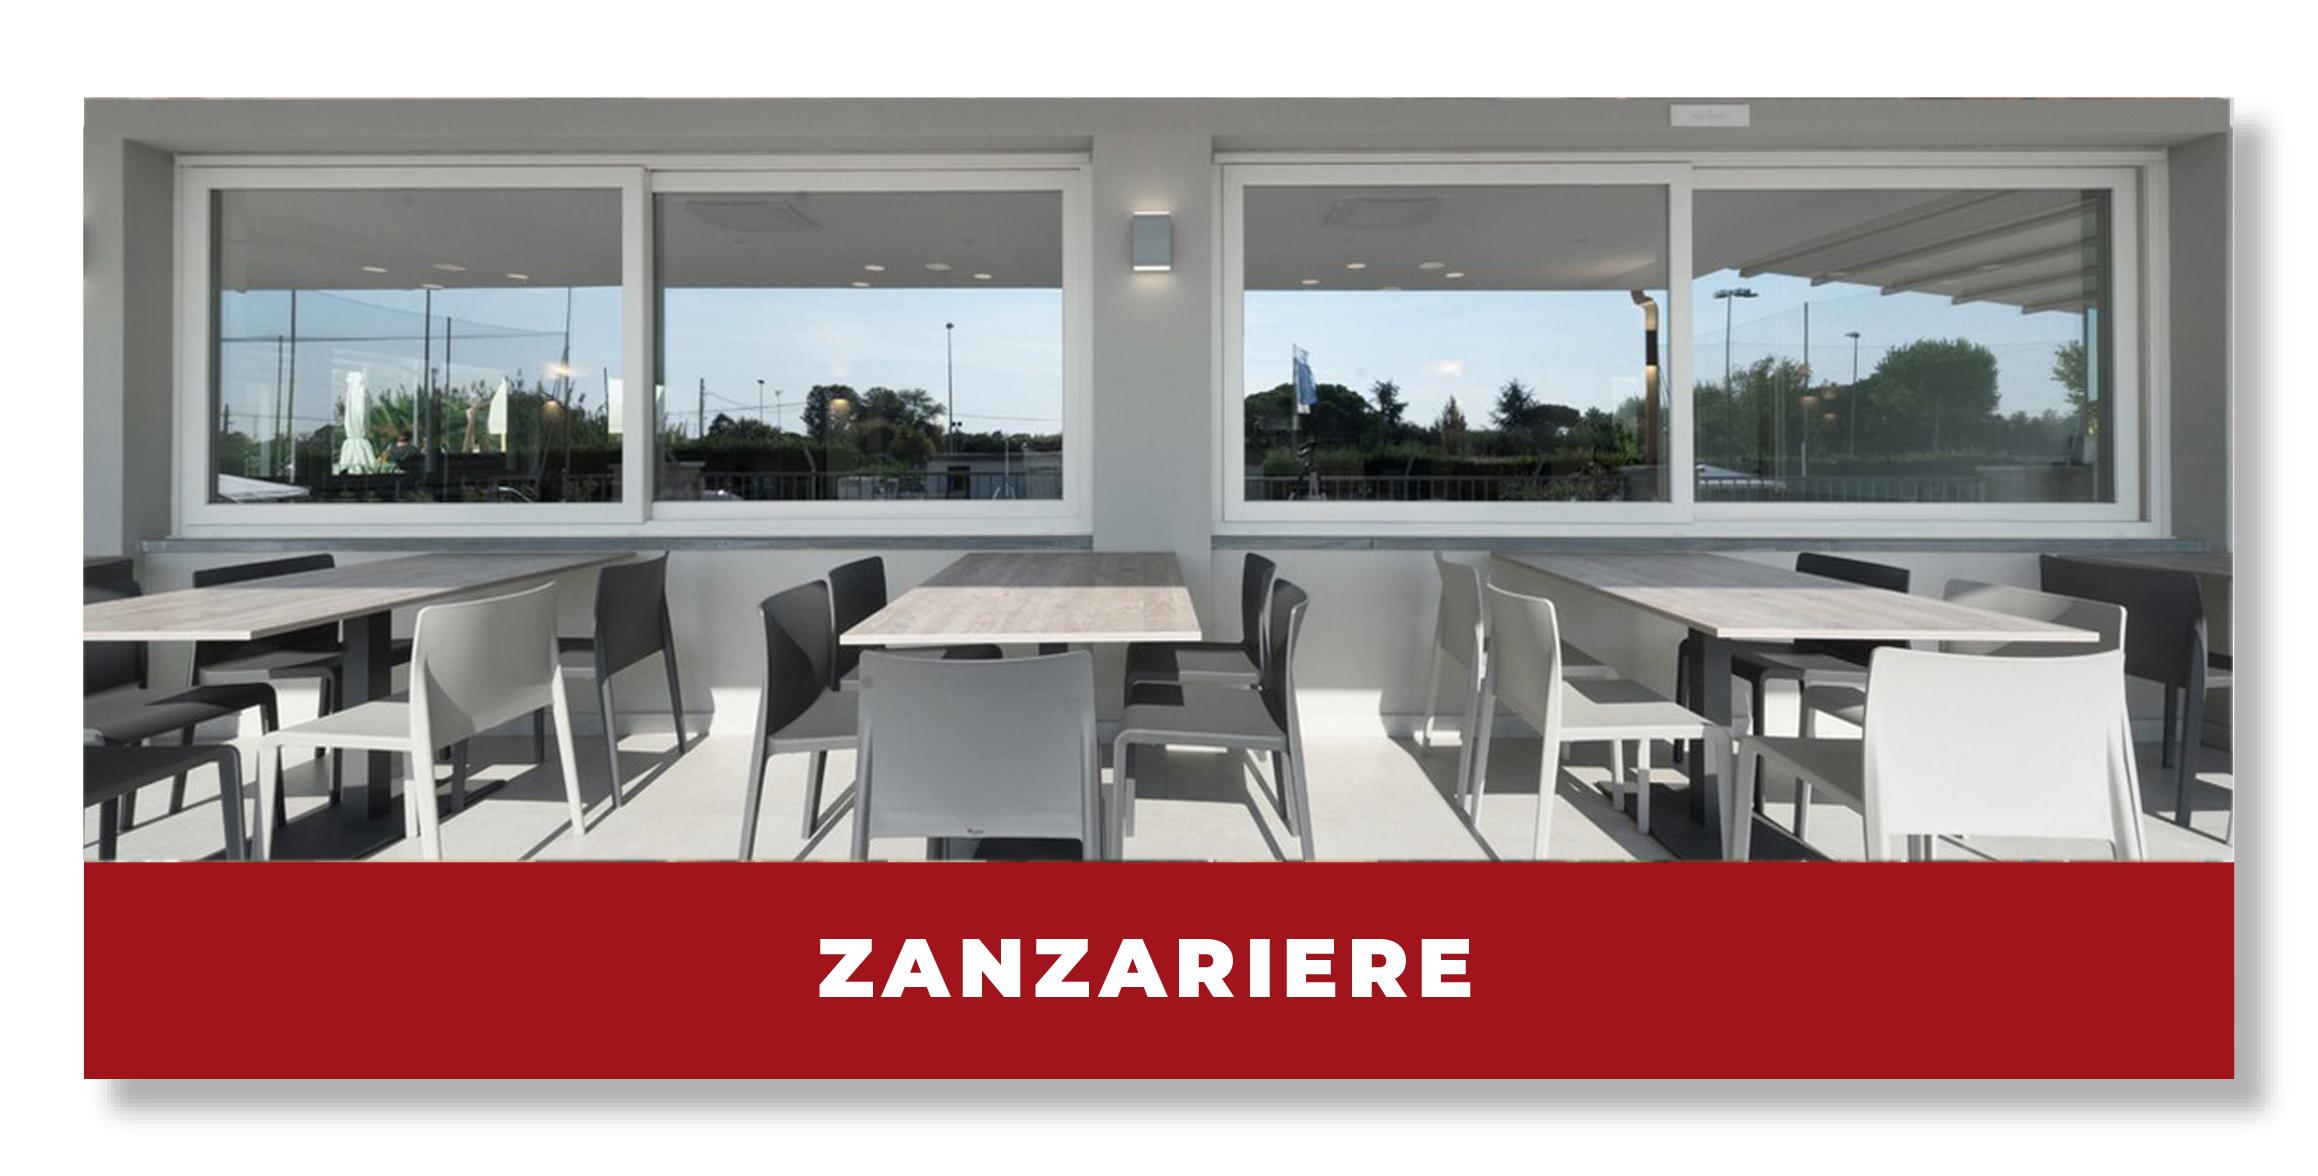 zanzariere vendita installazione produzione su misura torino nuova rolltende attiivtà ristoranti bar hotel.jpg